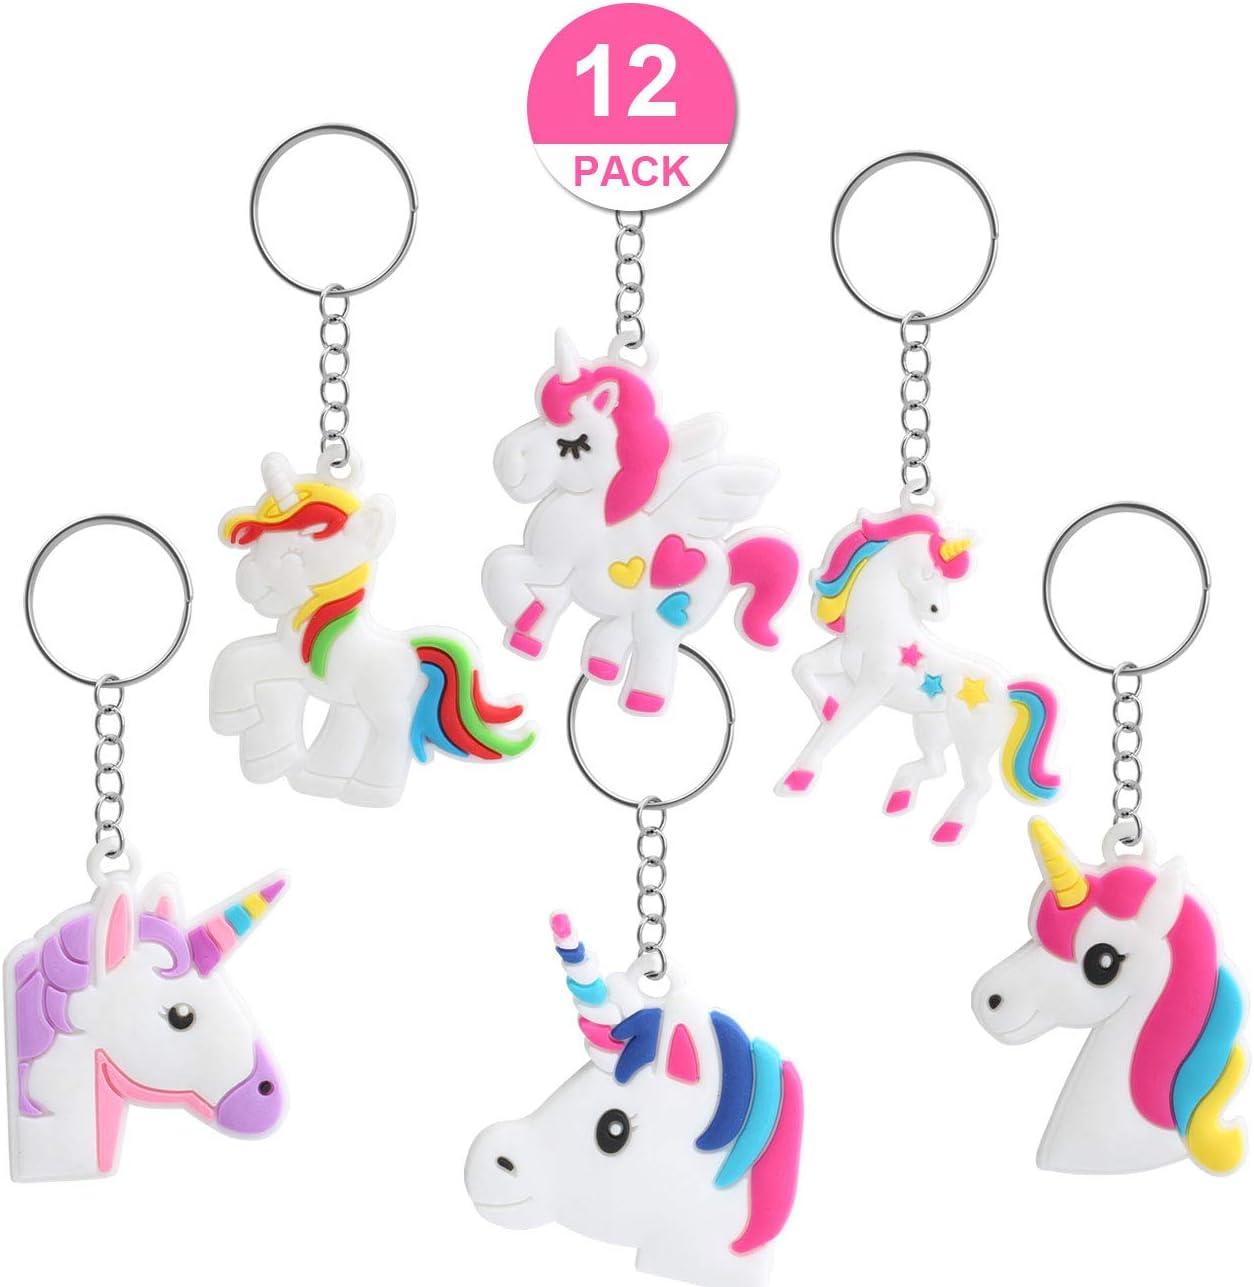 Kesote 12 llaveros en Forma de Unicornio Llavero Color Unicornio de 6 Modelos Buen Regalo para Niños, Amigos: Amazon.es: Juguetes y juegos